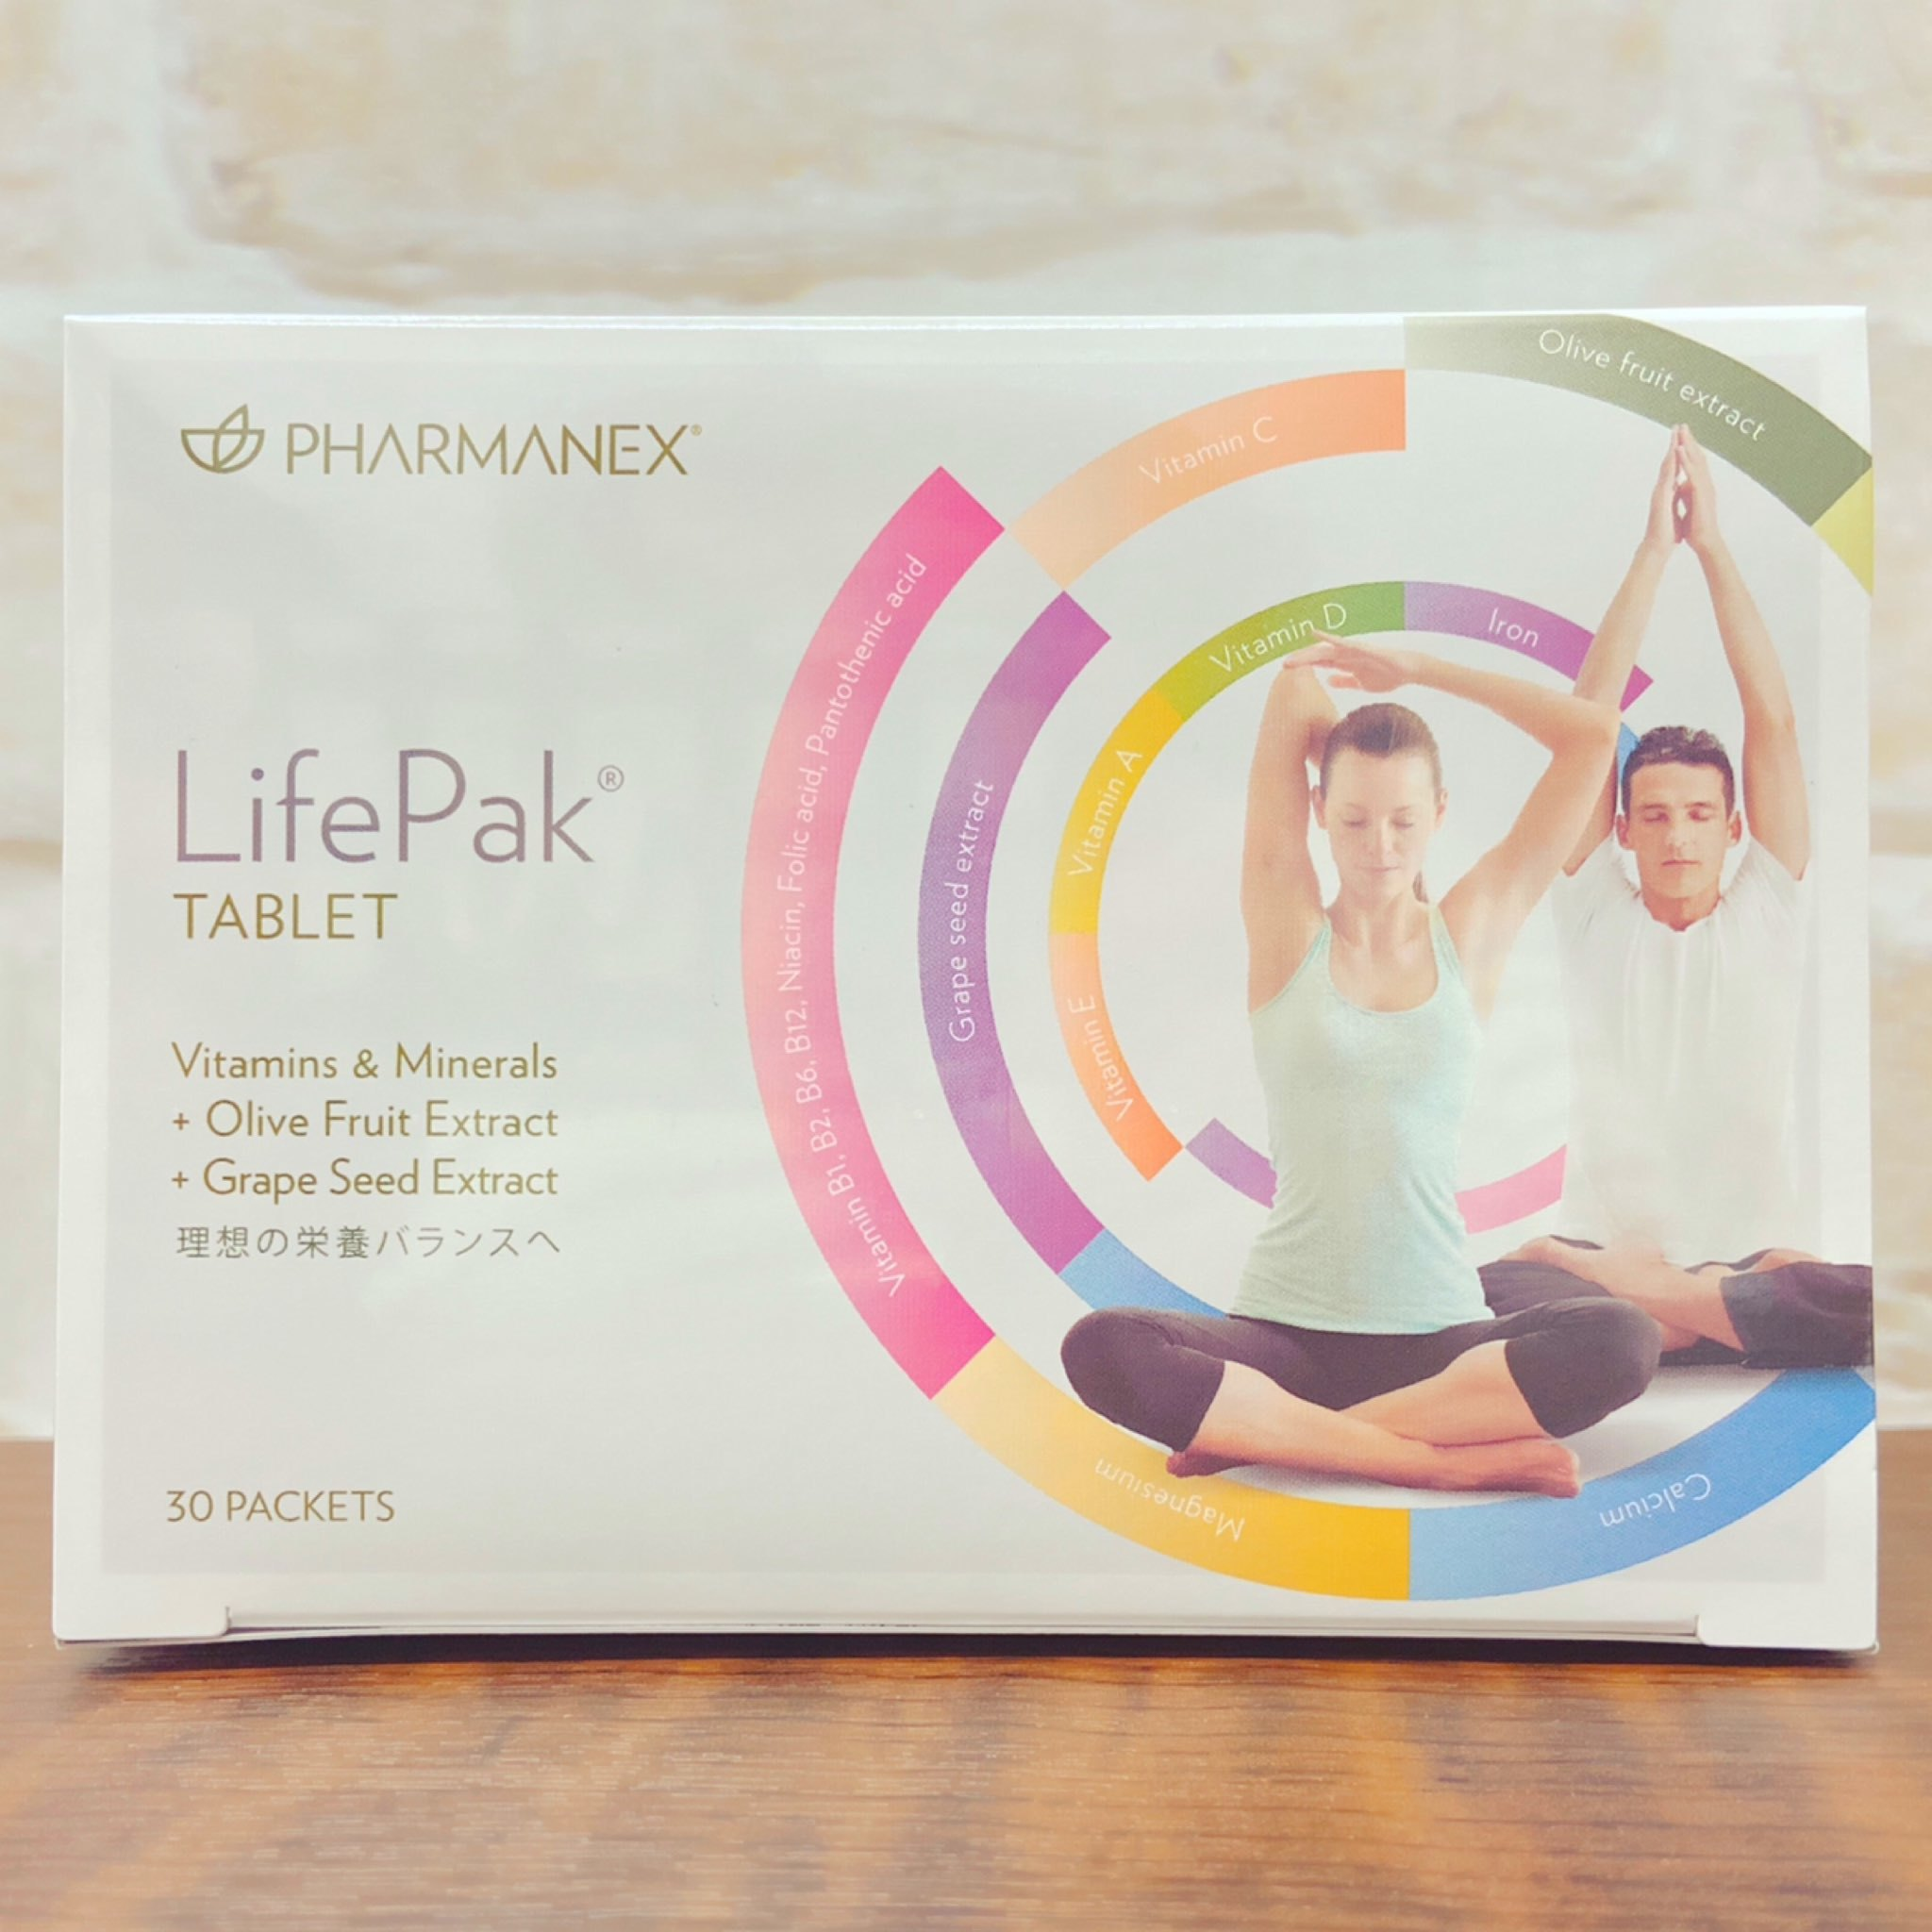 3 980円 税込み 以上で送料無料 正規品送料無料 ※北海道 沖縄 離島 一部の地域は除く Nu Skin ニュースキン 1着でも送料無料 LifePak 賞味期限2022年7月以降 ビタミン等含有加工食品 栄養補助食品 ライフパック PHARMANEX 58.2g Tablet 1.94g×30パック タブレット